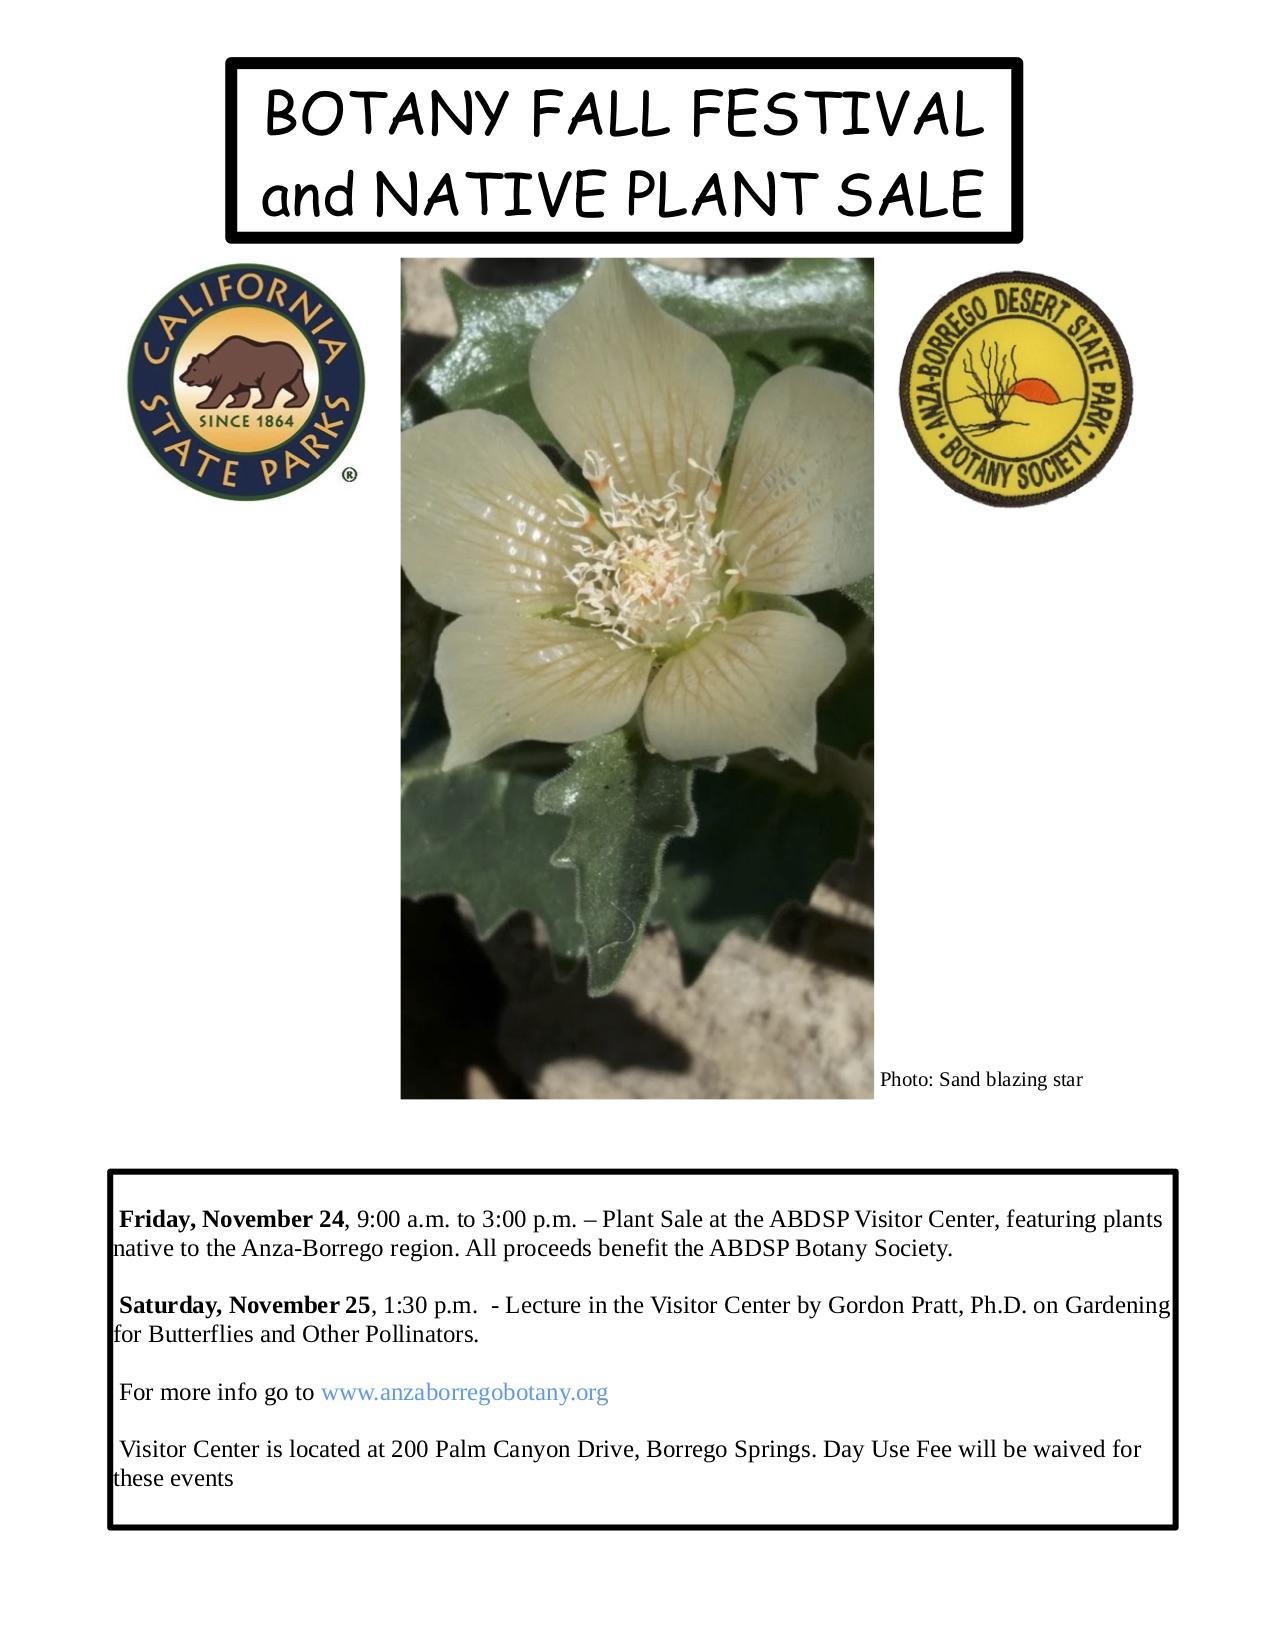 Botany Flyer 2017.jpg